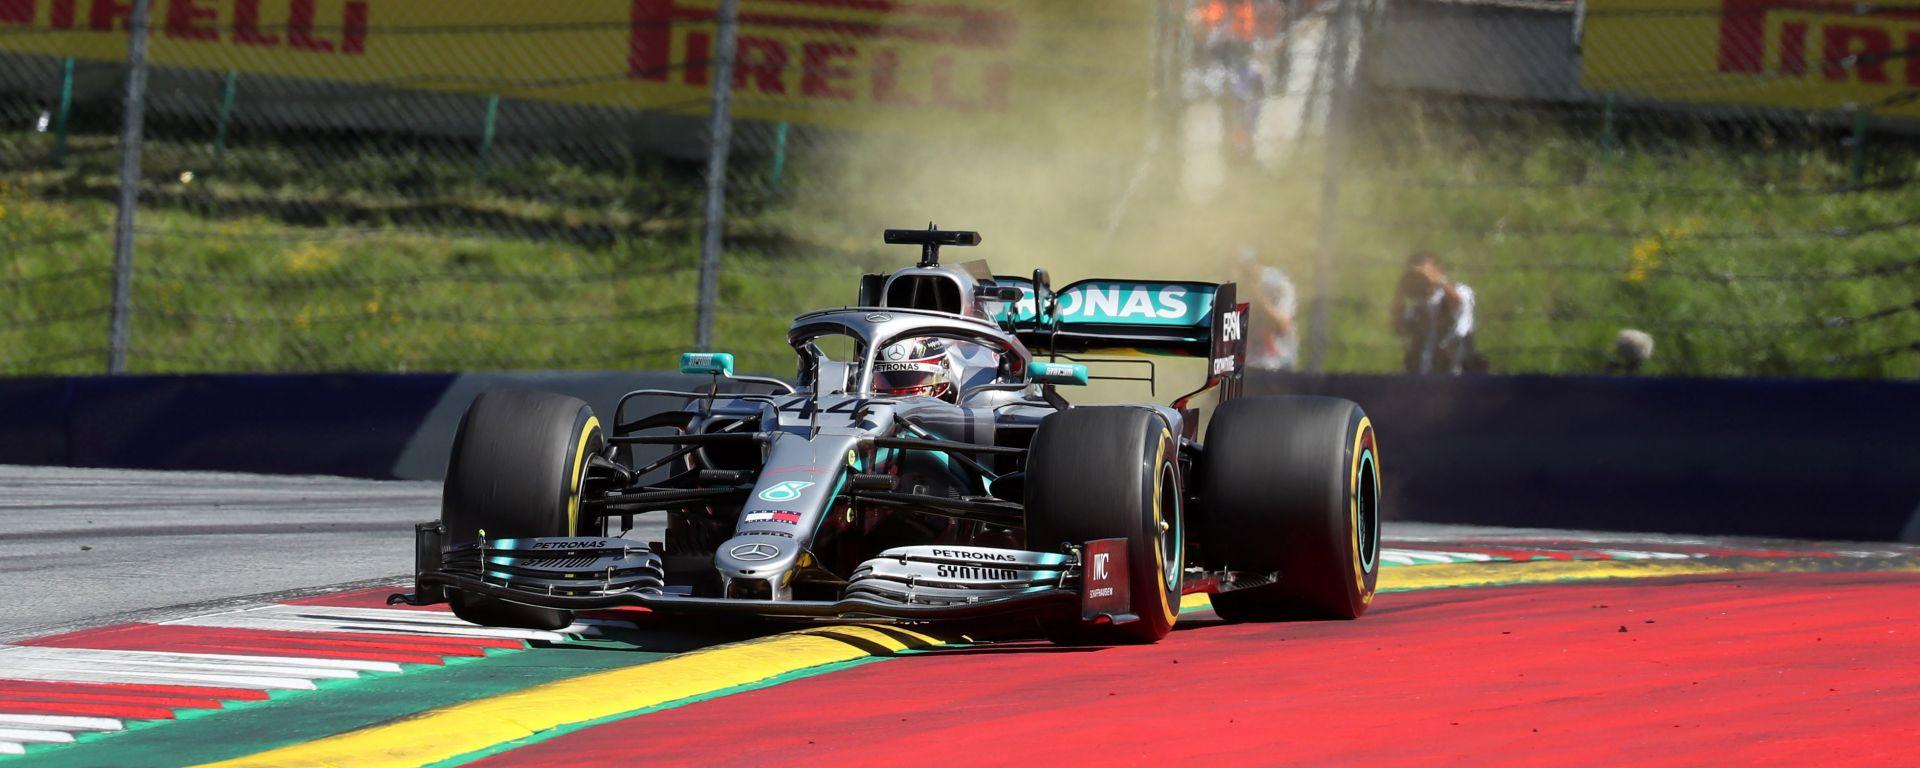 """GP Austria, Hamilton quinto: """"Non potevamo avvicinarci a nessuno"""""""